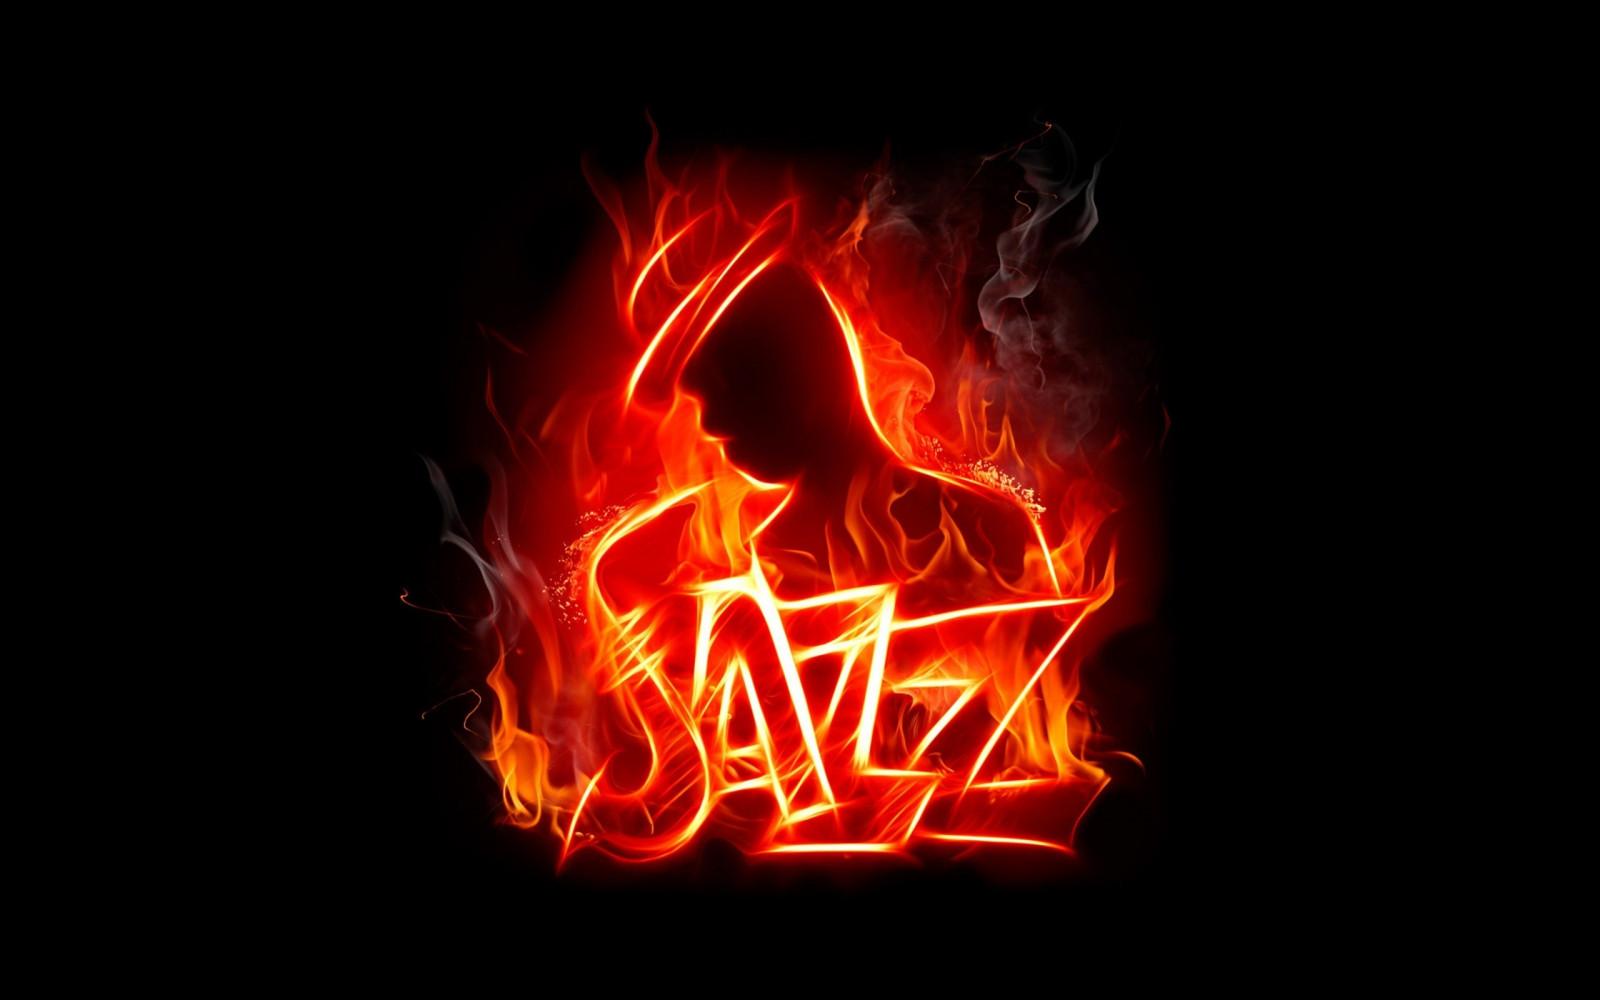 Картинки с надписью джаз